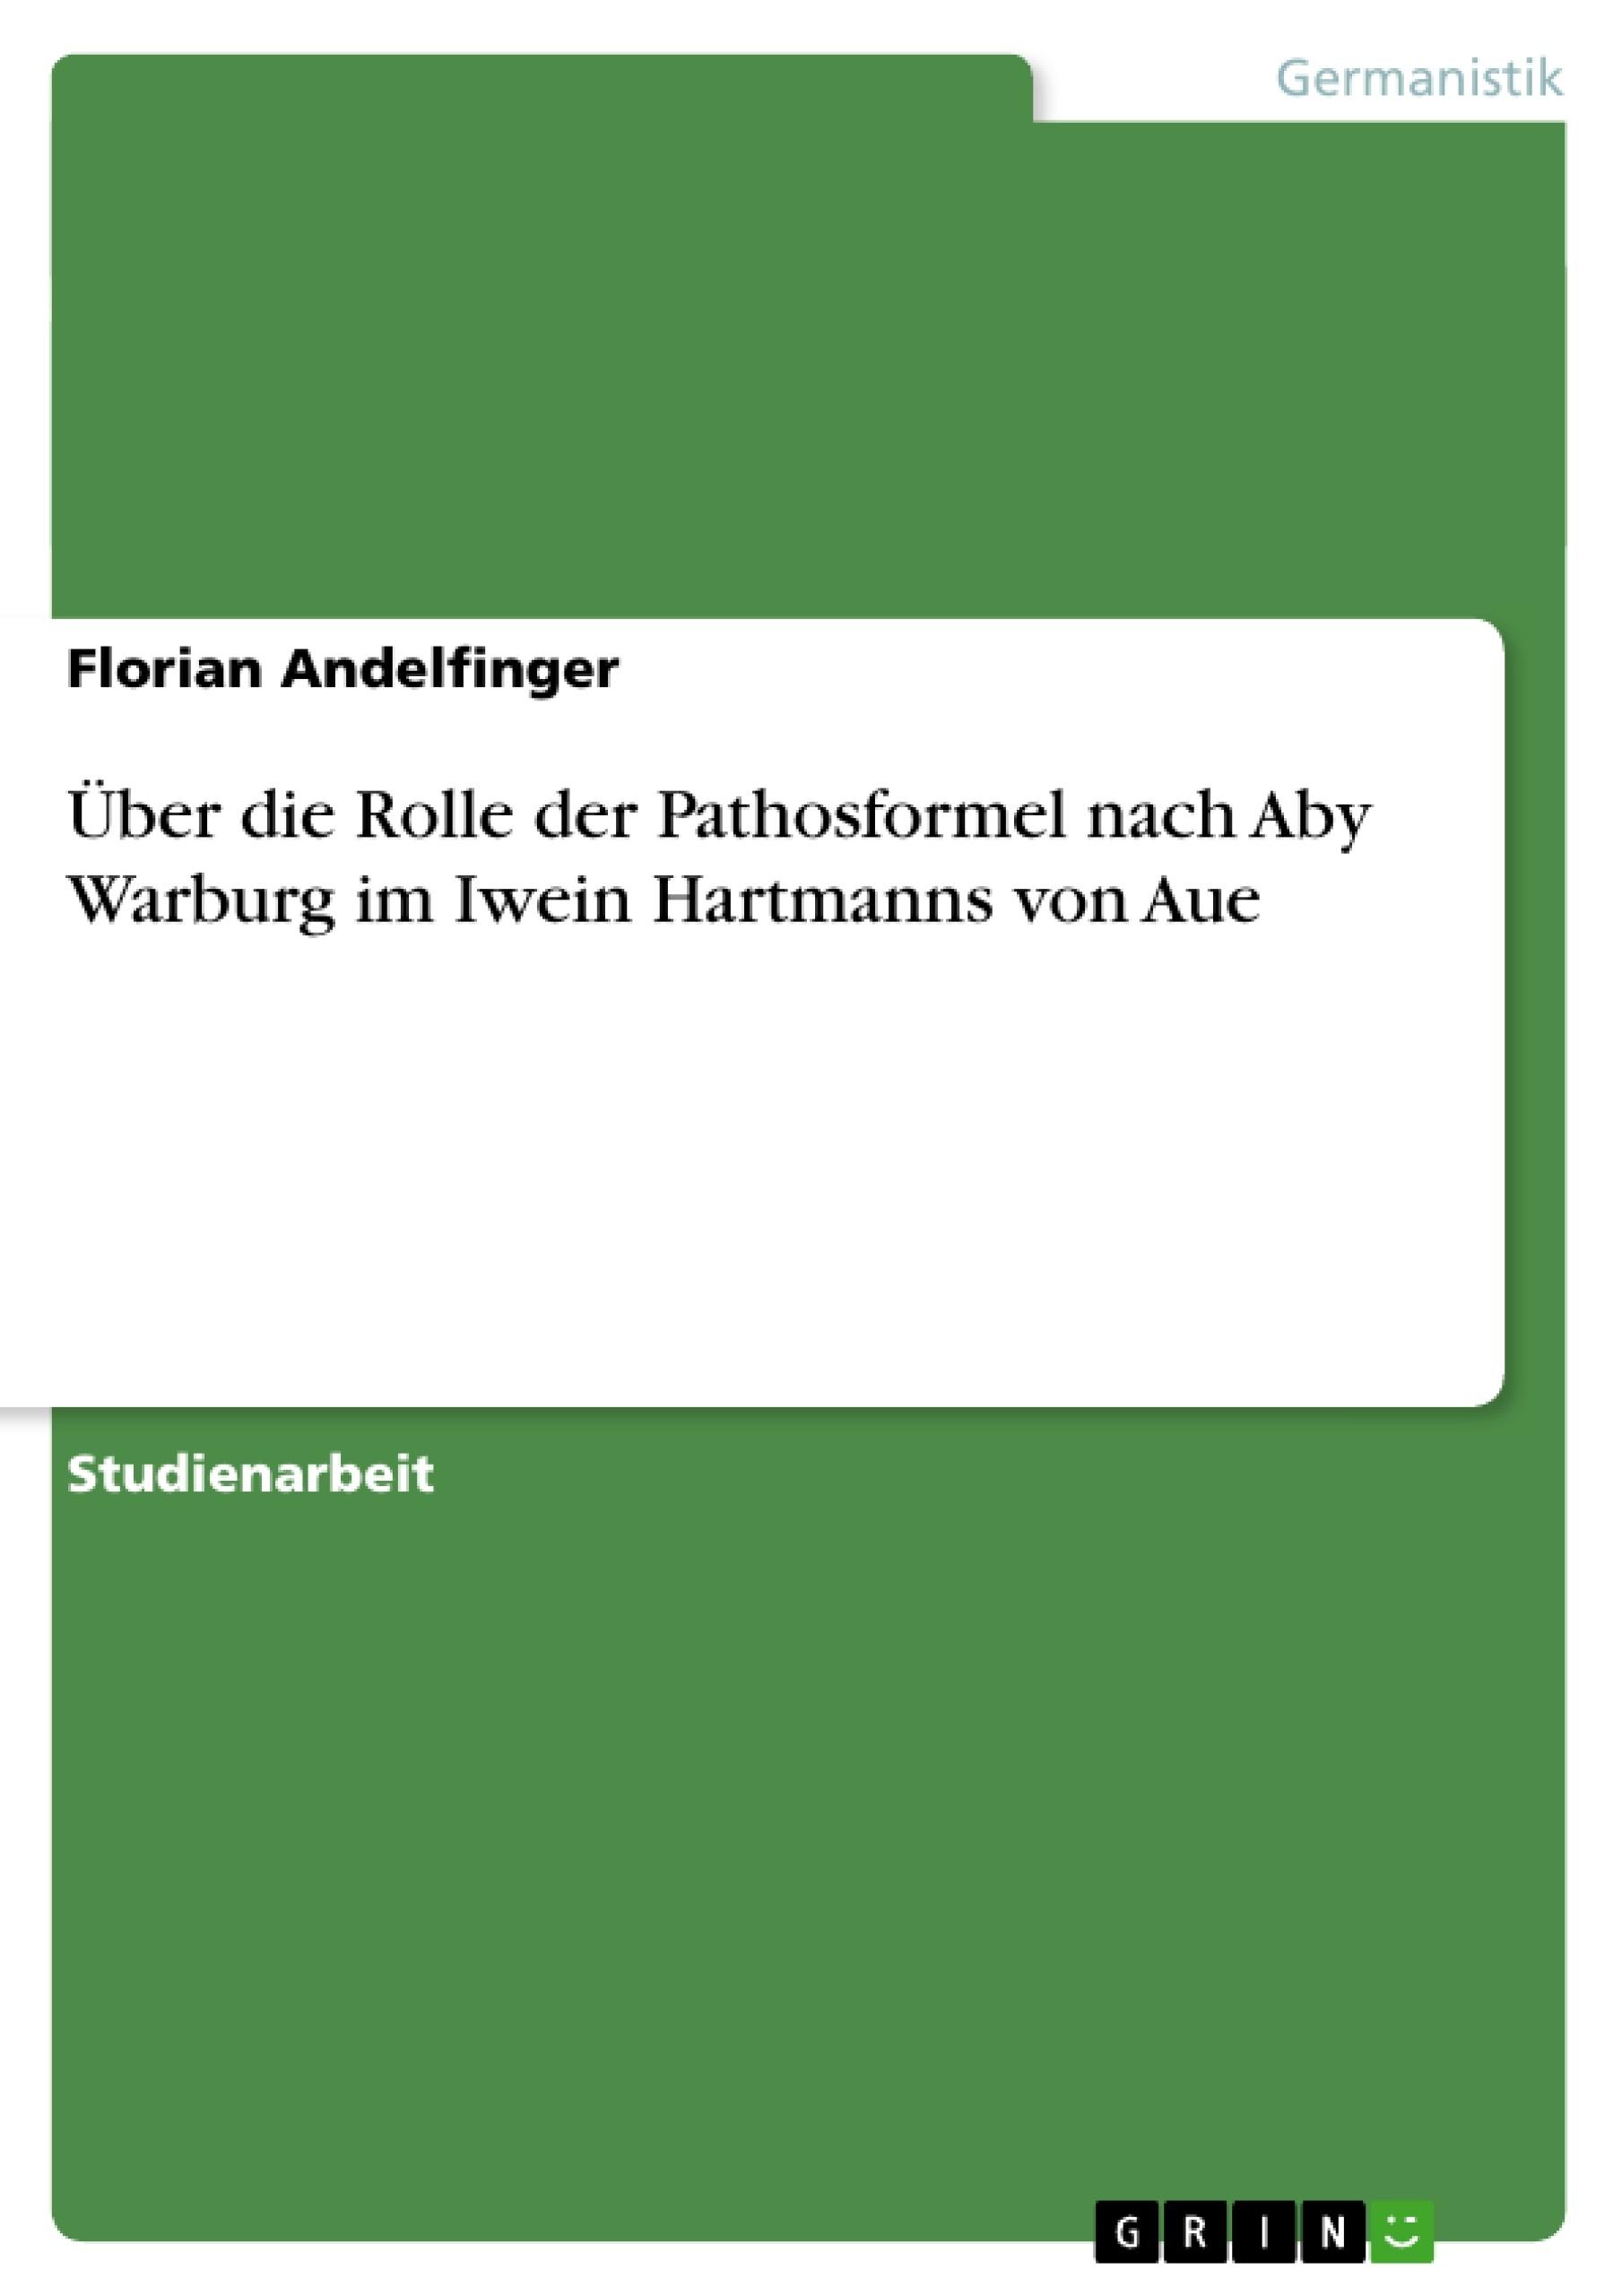 Titel: Über die Rolle der Pathosformel nach Aby Warburg im Iwein Hartmanns von Aue